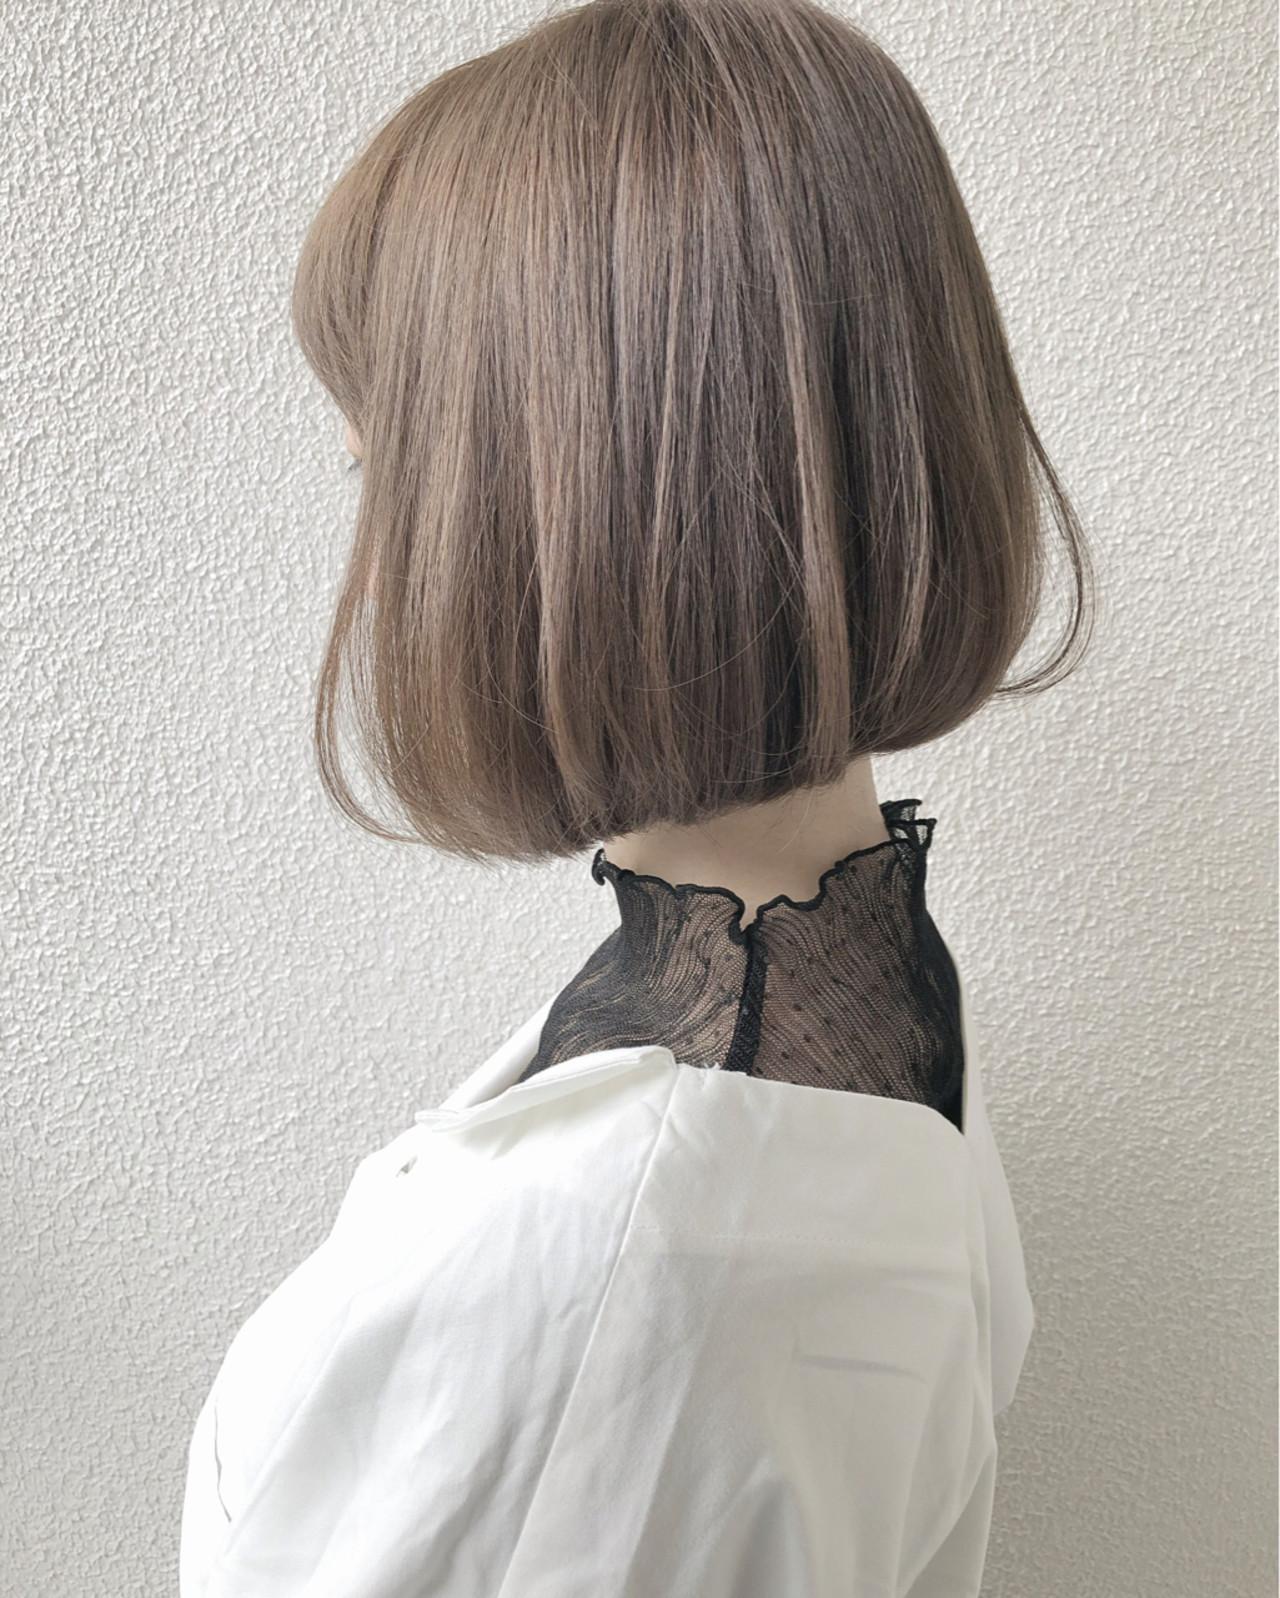 お人形さんみたいなミルクティーアッシュボブ taku  La familia hair home